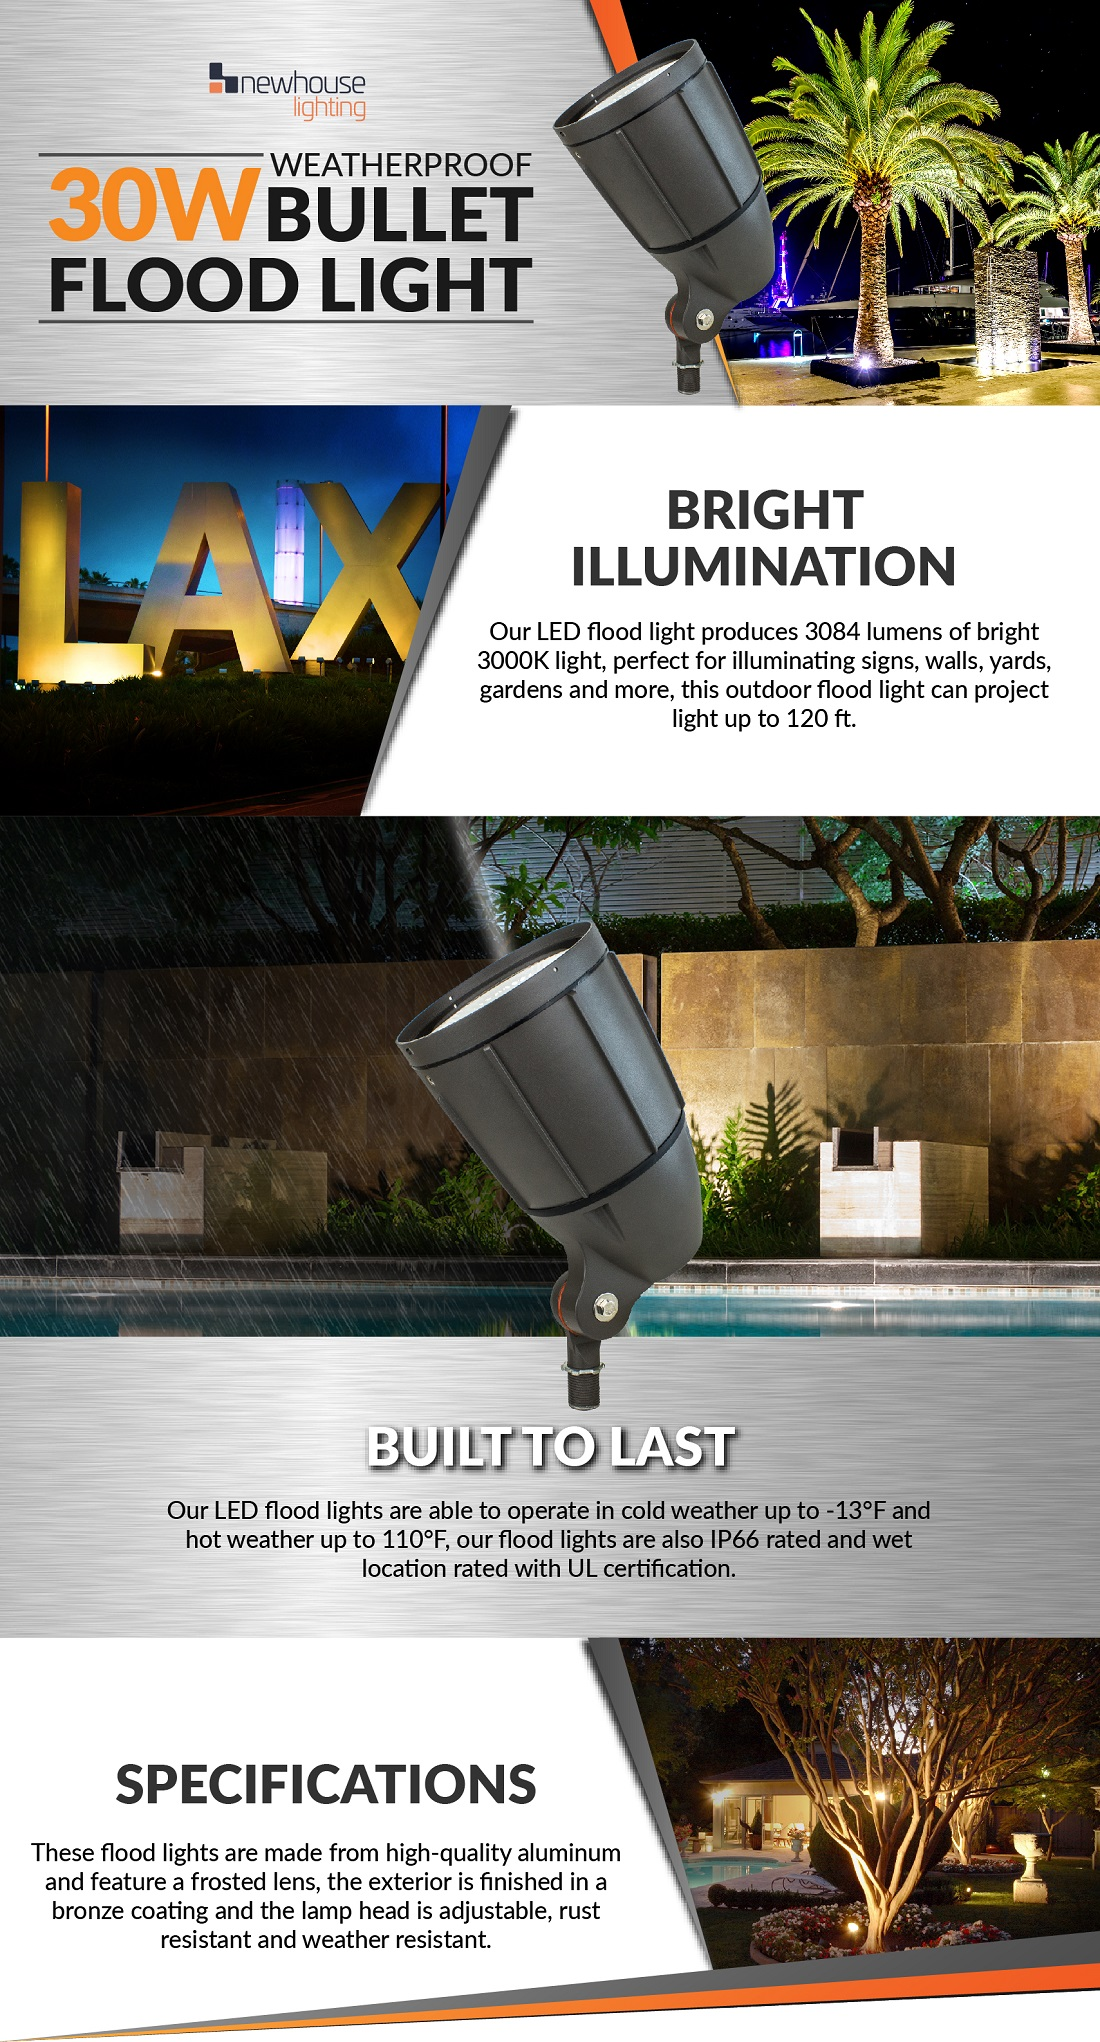 10 watt 120v landscape lighting bullet